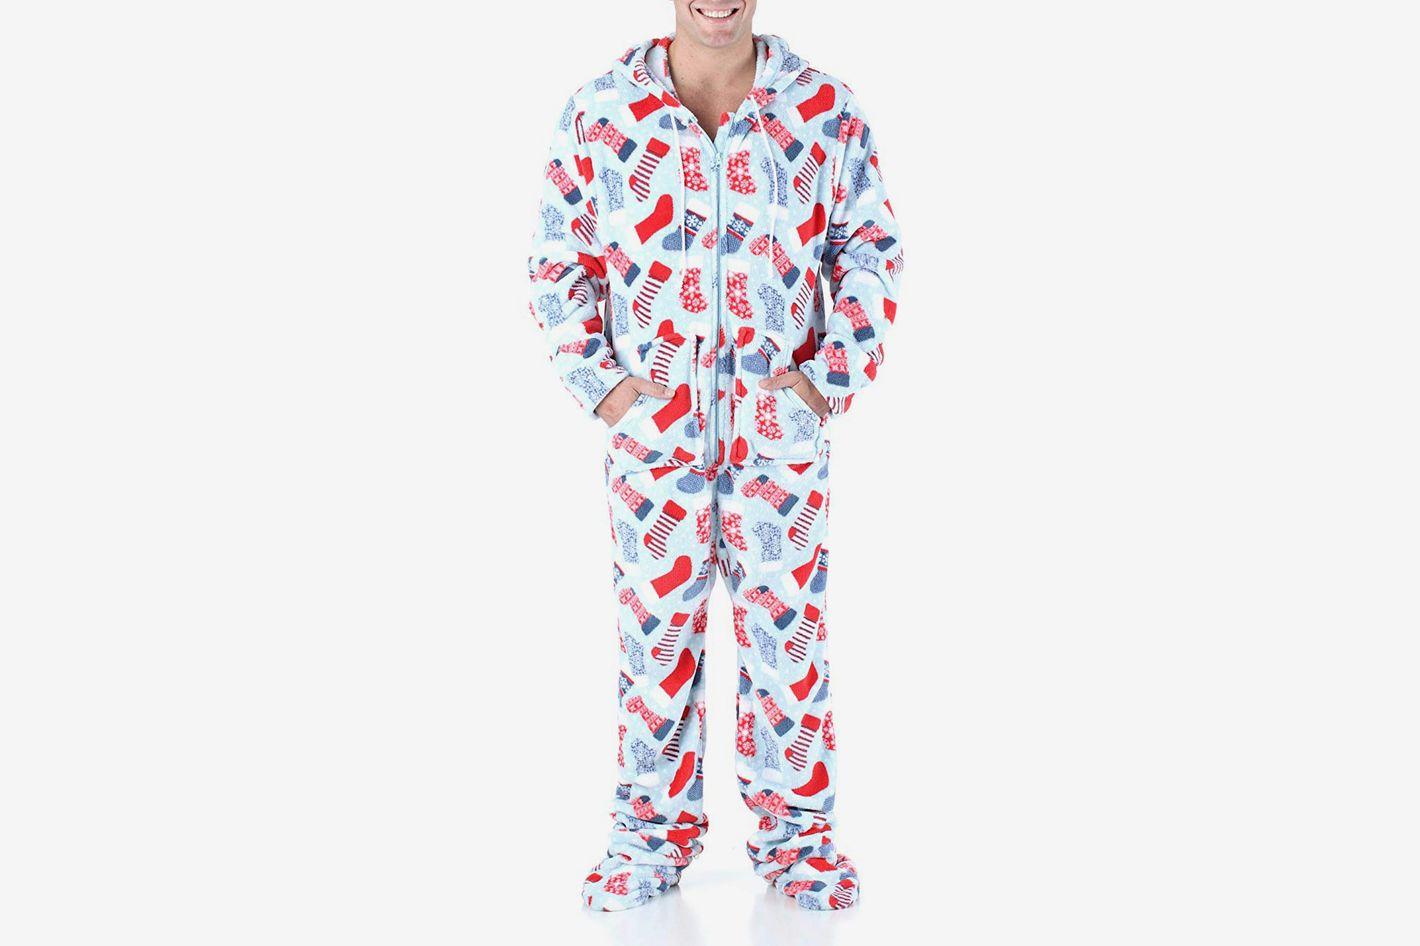 96d2037722 SleepytimePjs Men s Sleepwear Fleece Hooded Onesie